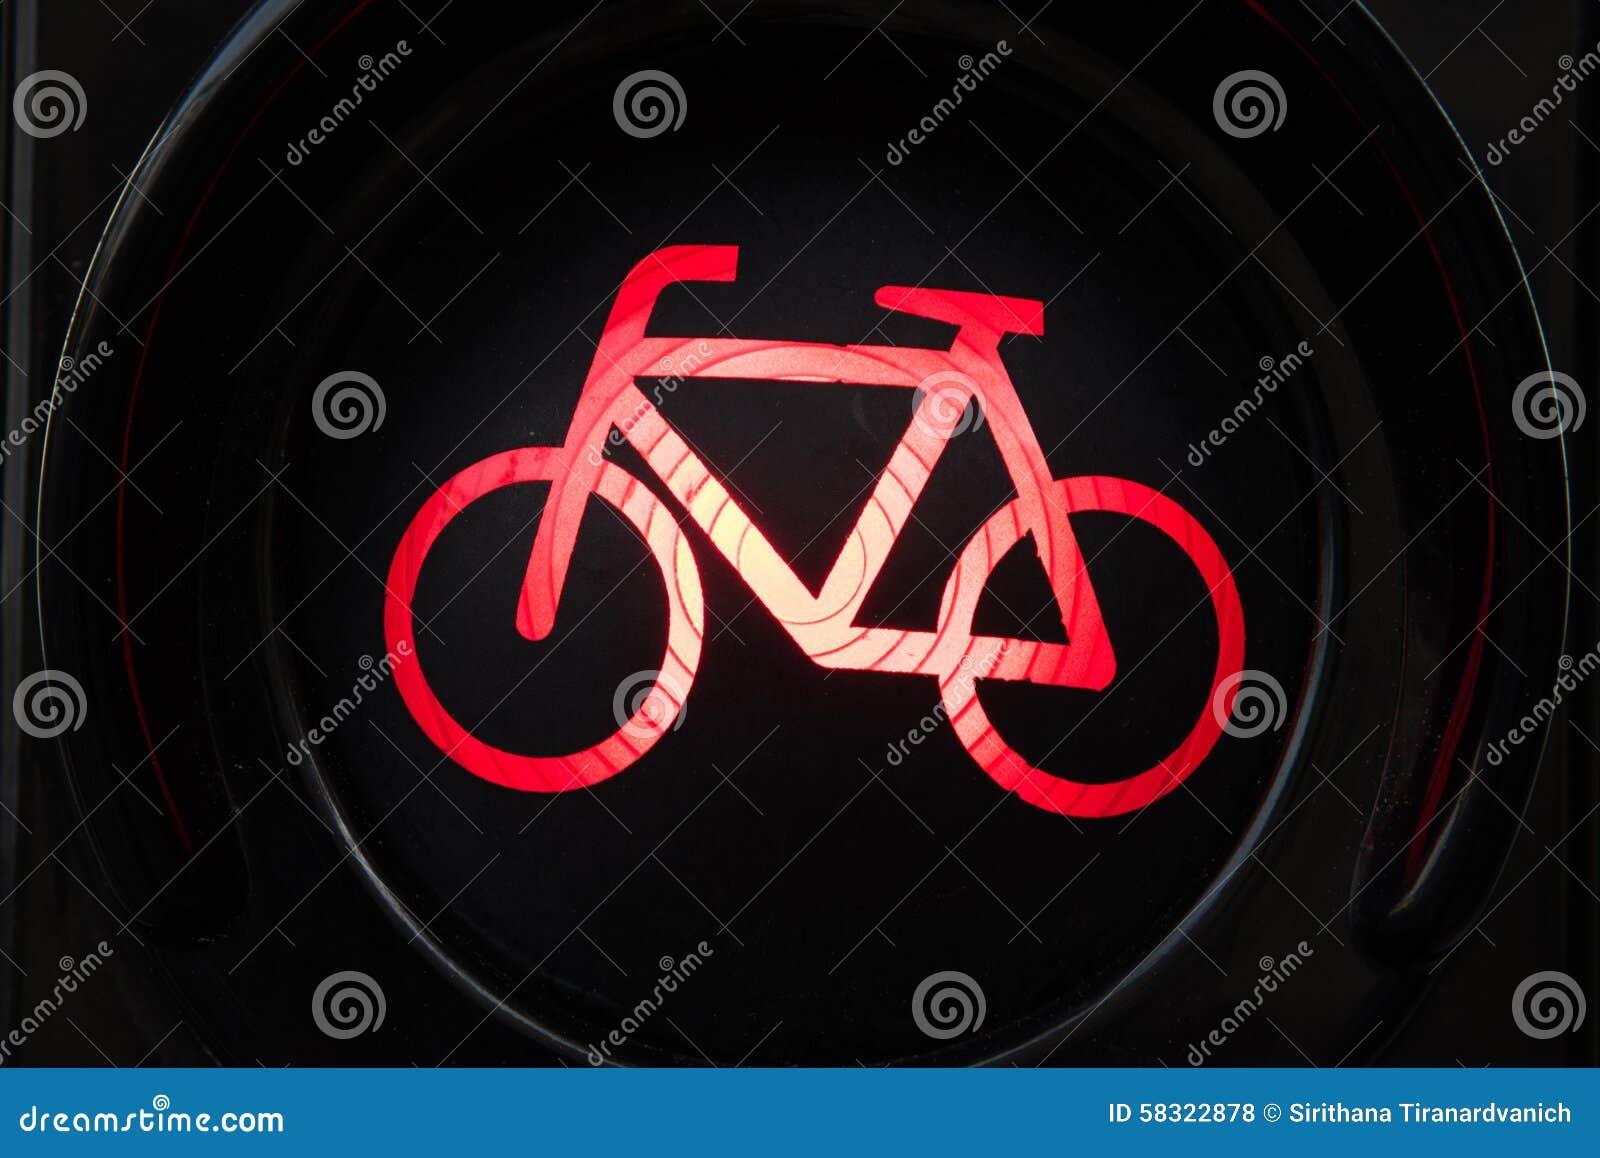 Licht Voor Fiets : Rood licht voor fiets stock foto. afbeelding bestaande uit